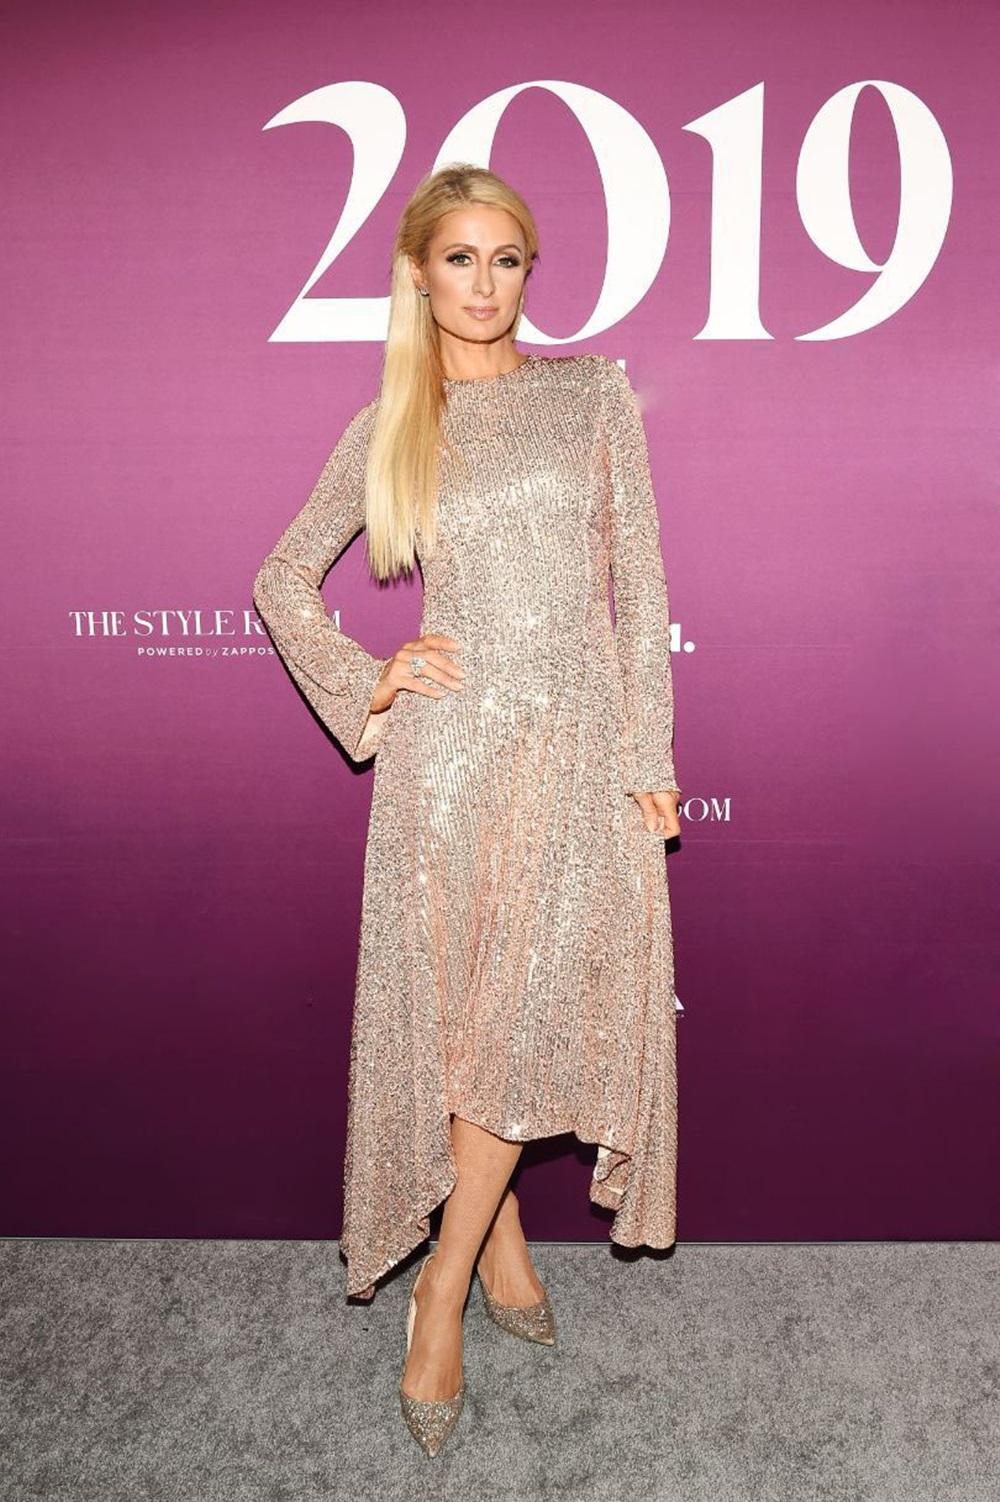 Trước đó một ngày, tại lễ trao giải Fn Achievement vào tháng 12/2019, người đẹp tuổi lăng xê mốt sequin với thiết kế tay loe trong BST Pre AW 2019 của Galvin, phối giày cao gót lấp lánh Jimmy Choo.